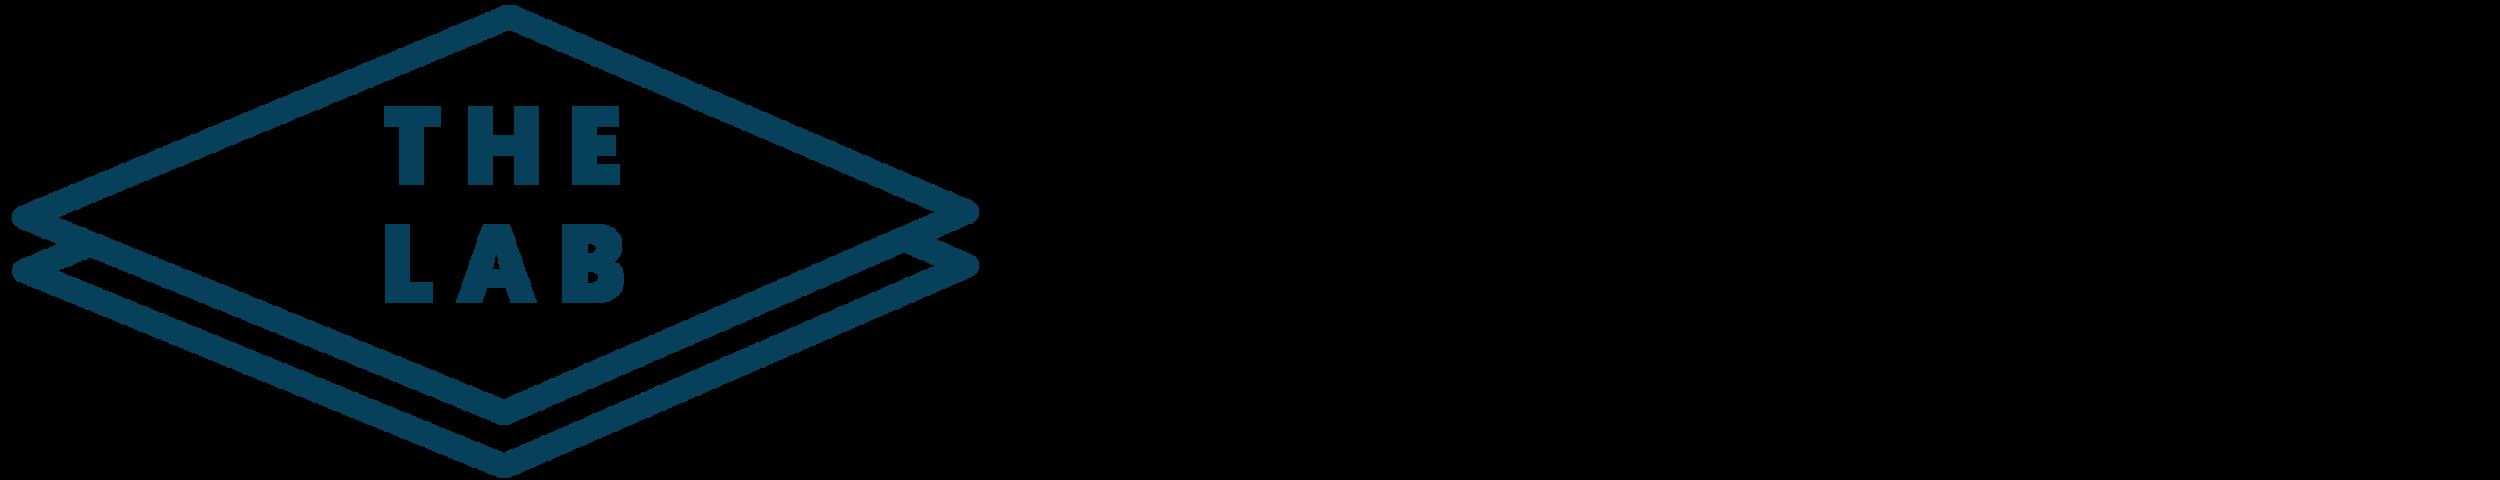 Web_symbols-01.png